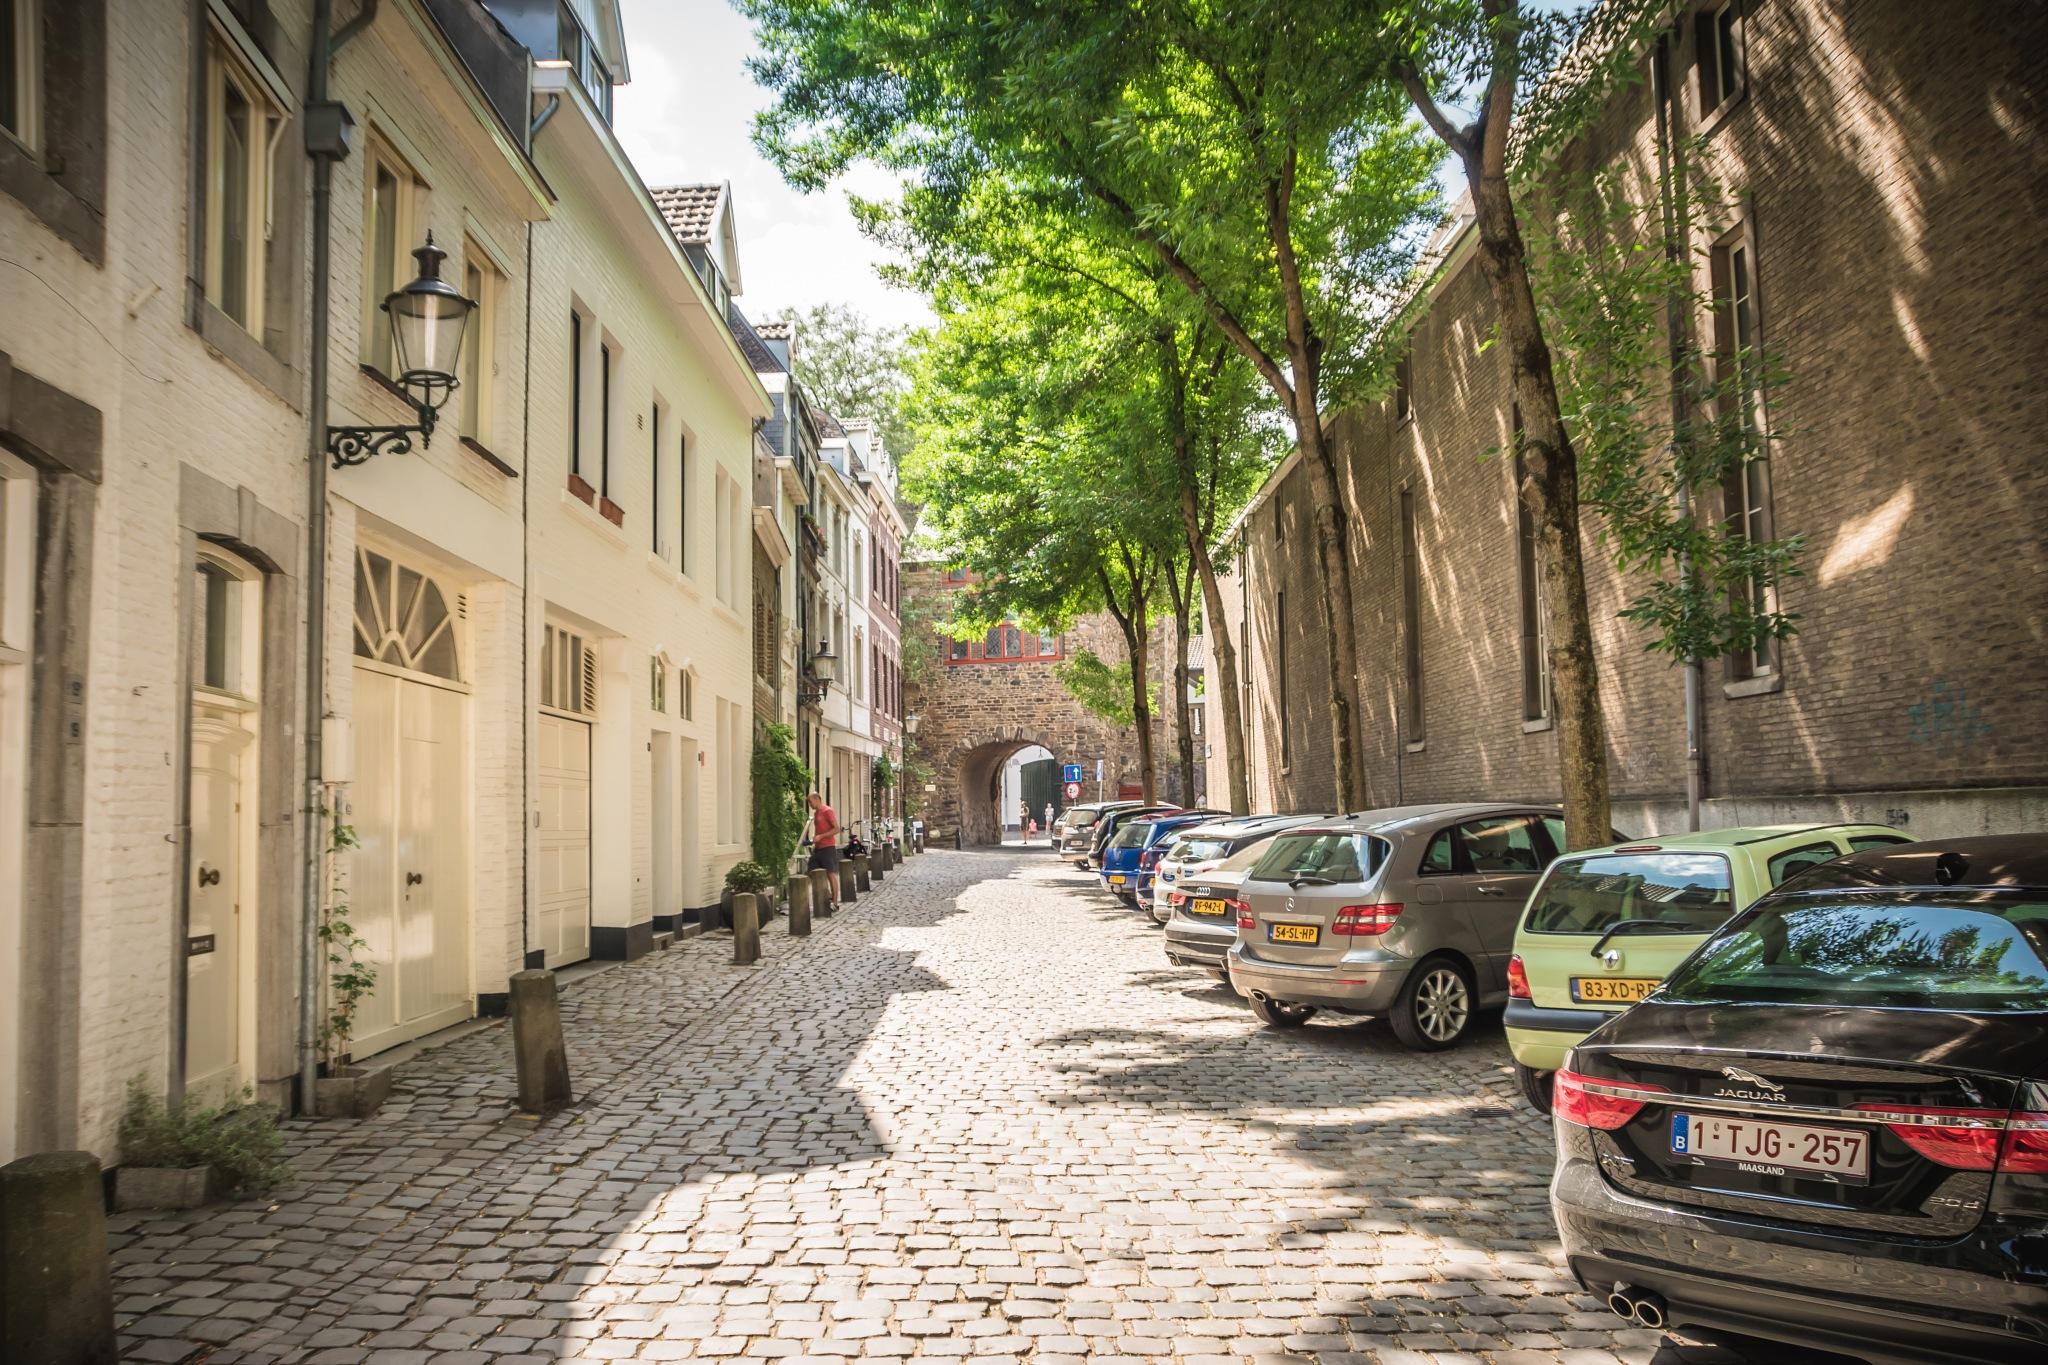 Street in Maastricht by Hans Lunenborg